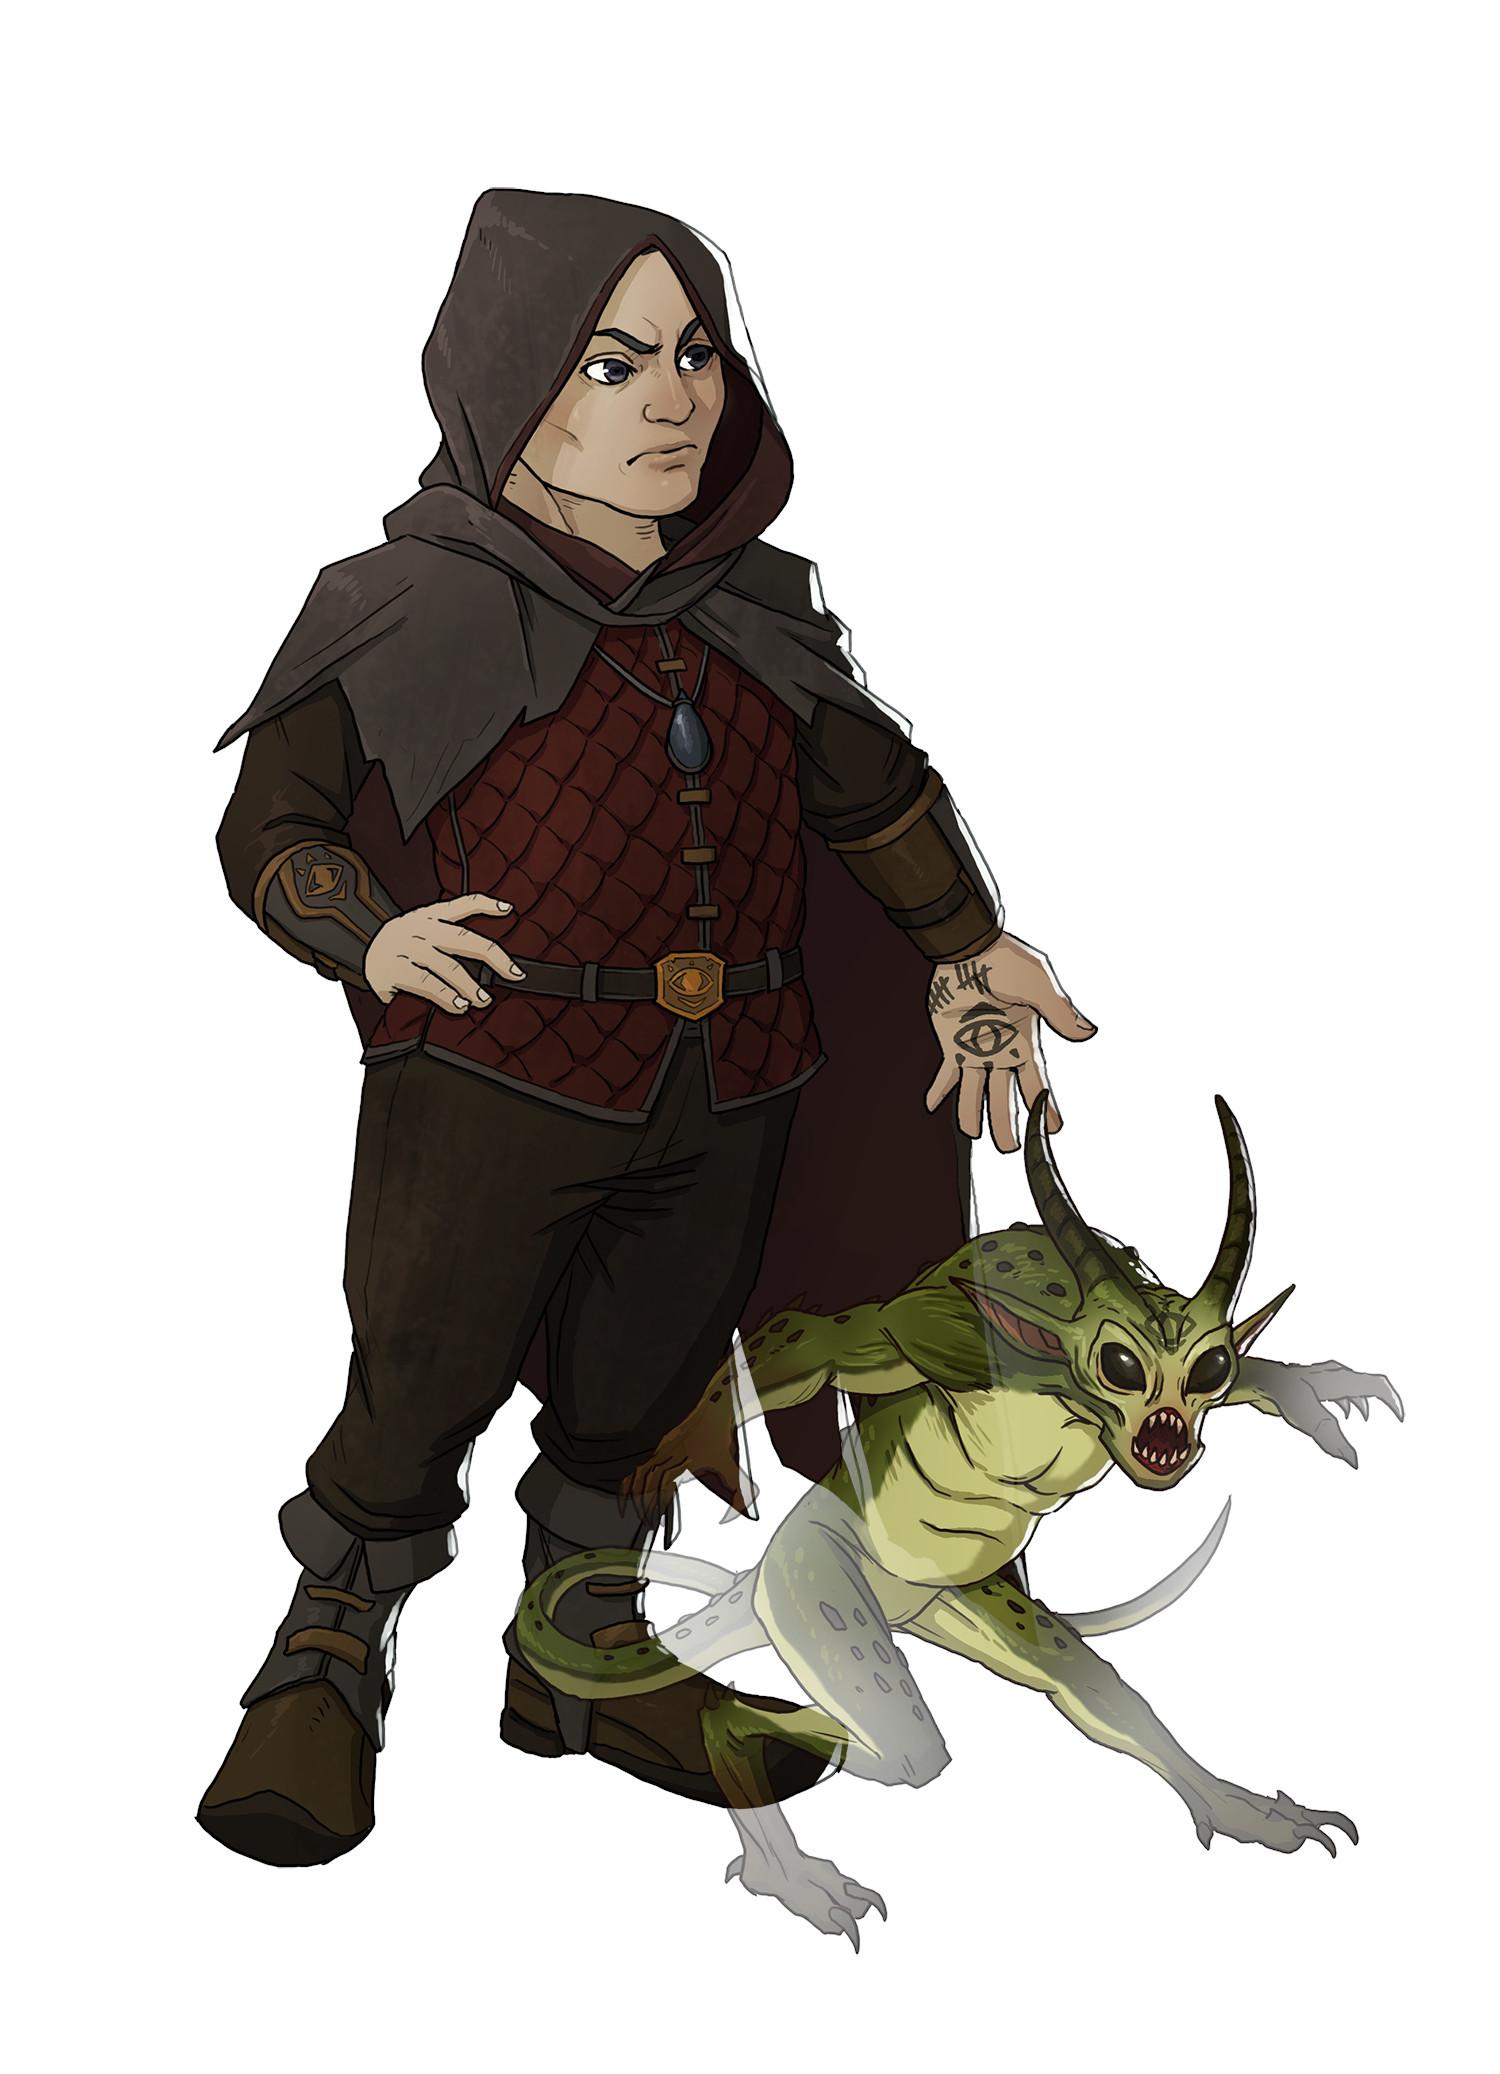 Fantasy Art Warlock With Familiar